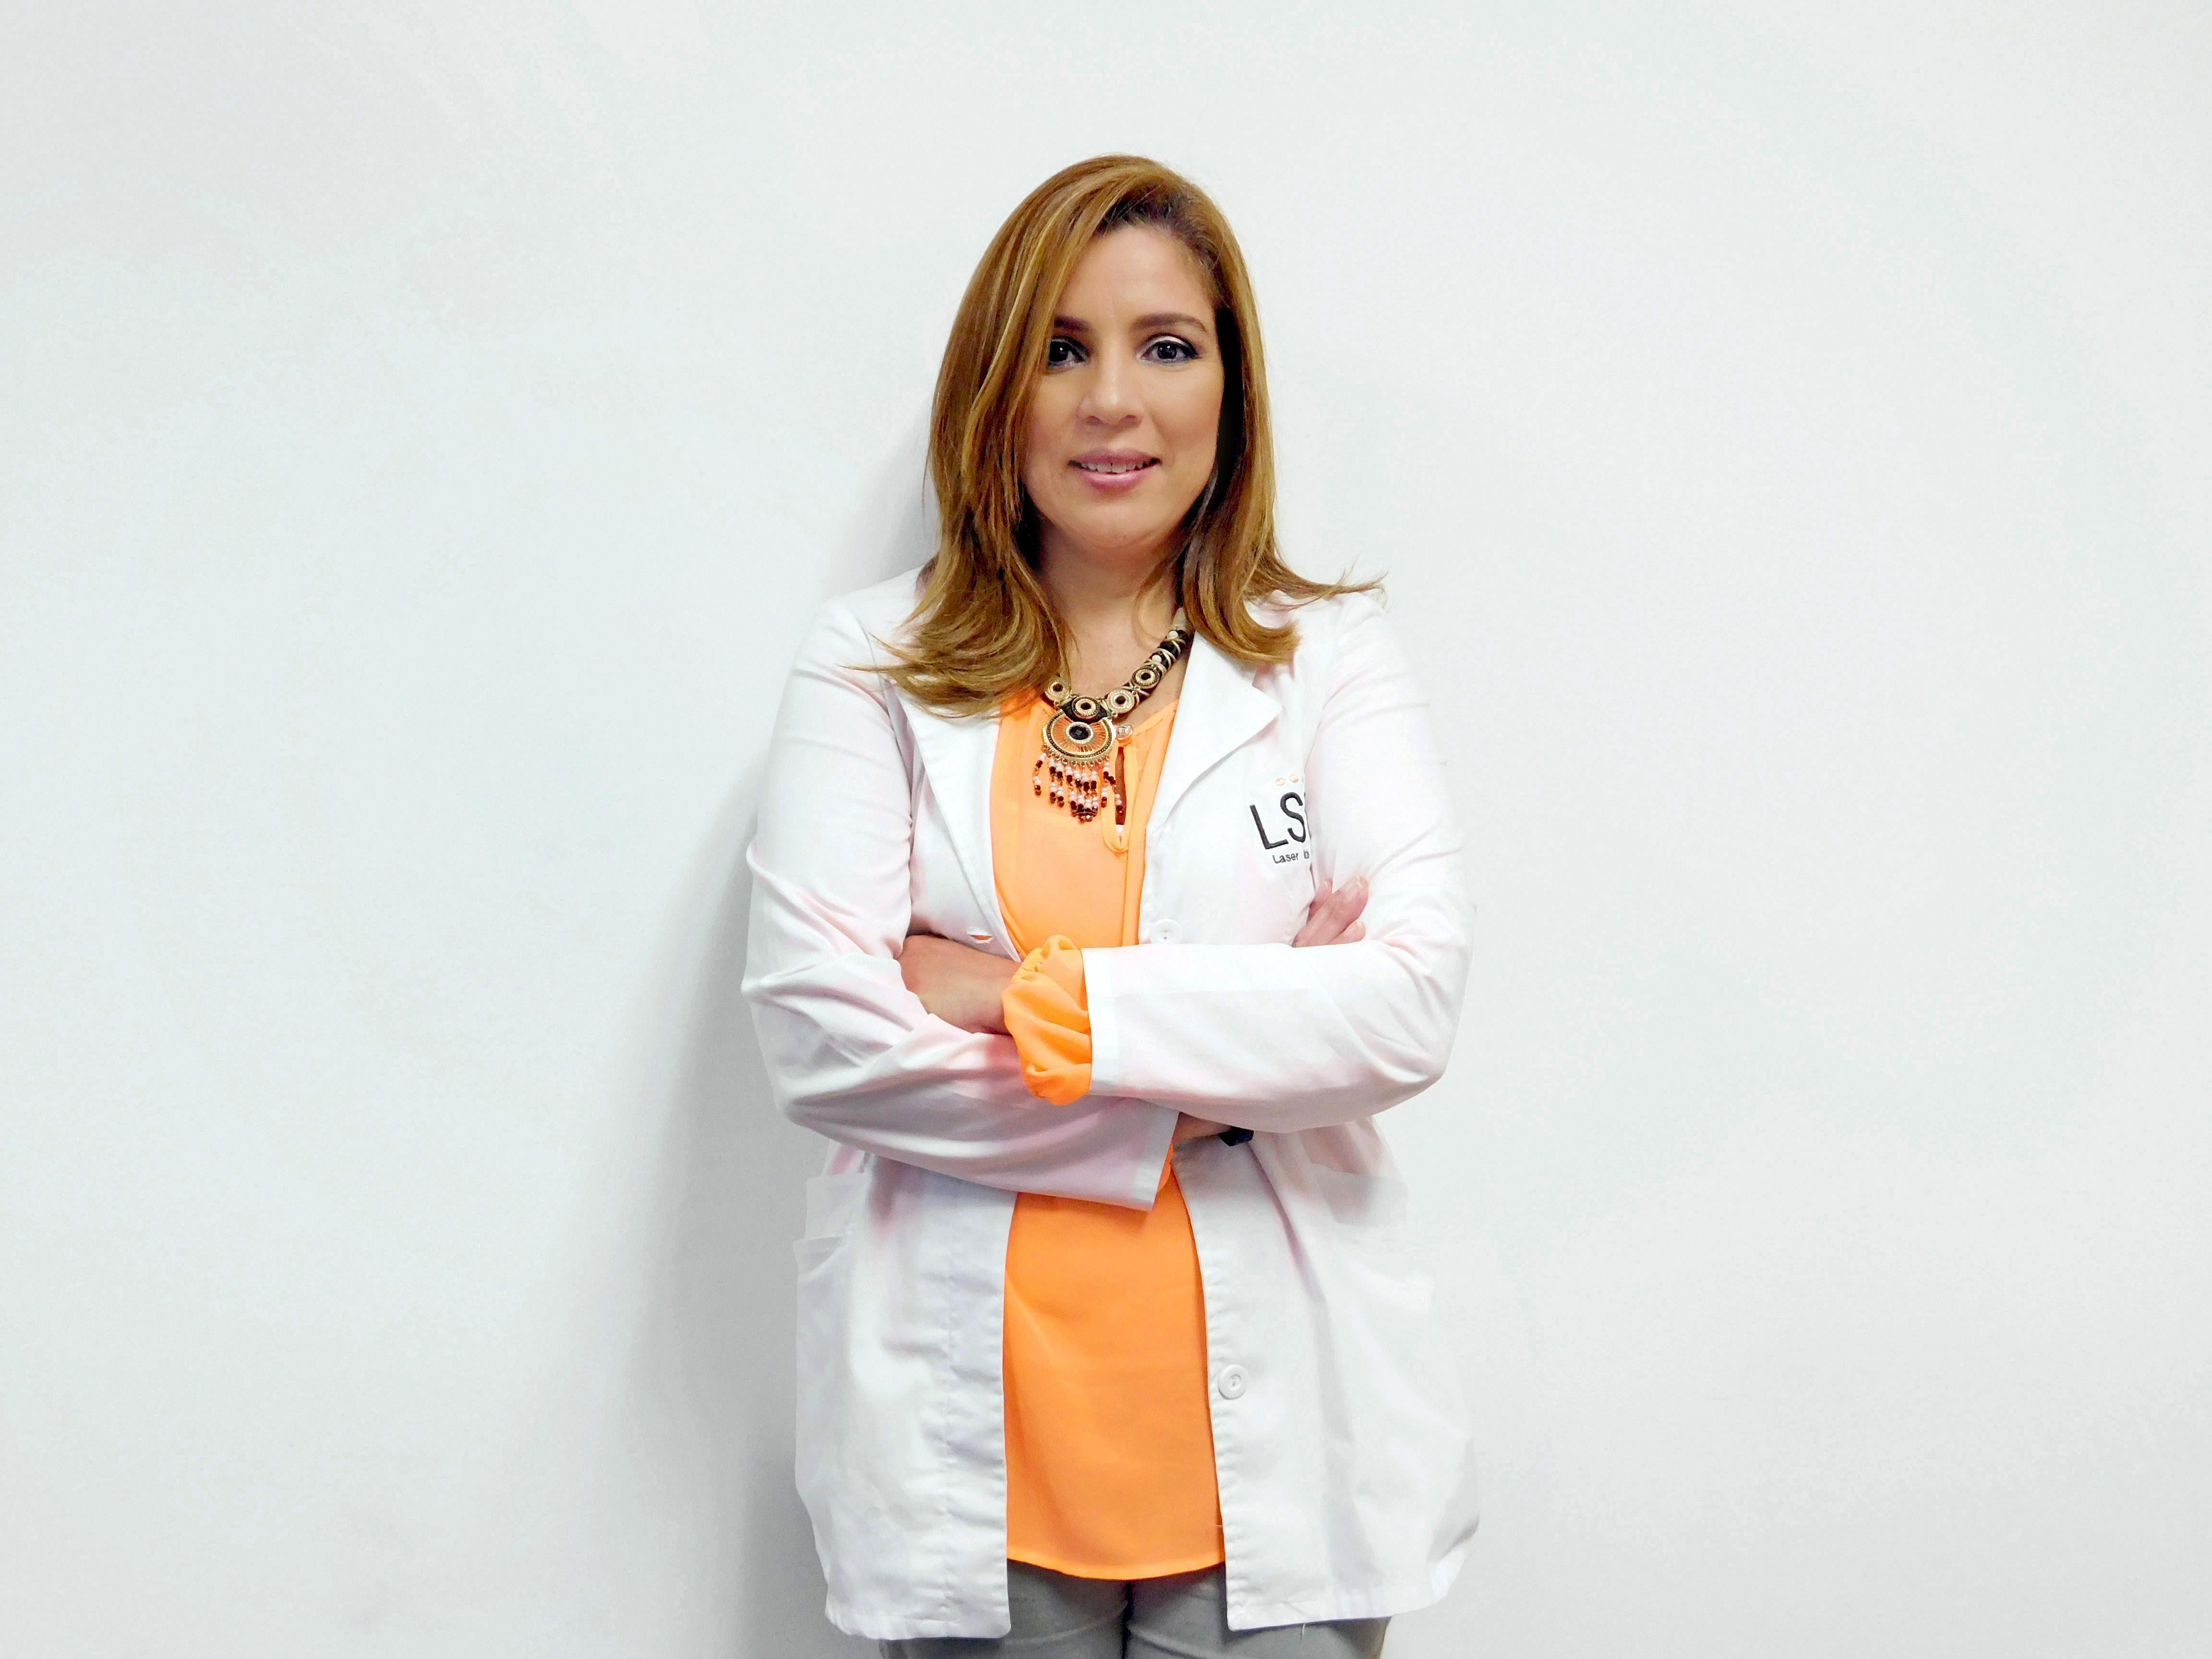 Dra. Margarita Chica